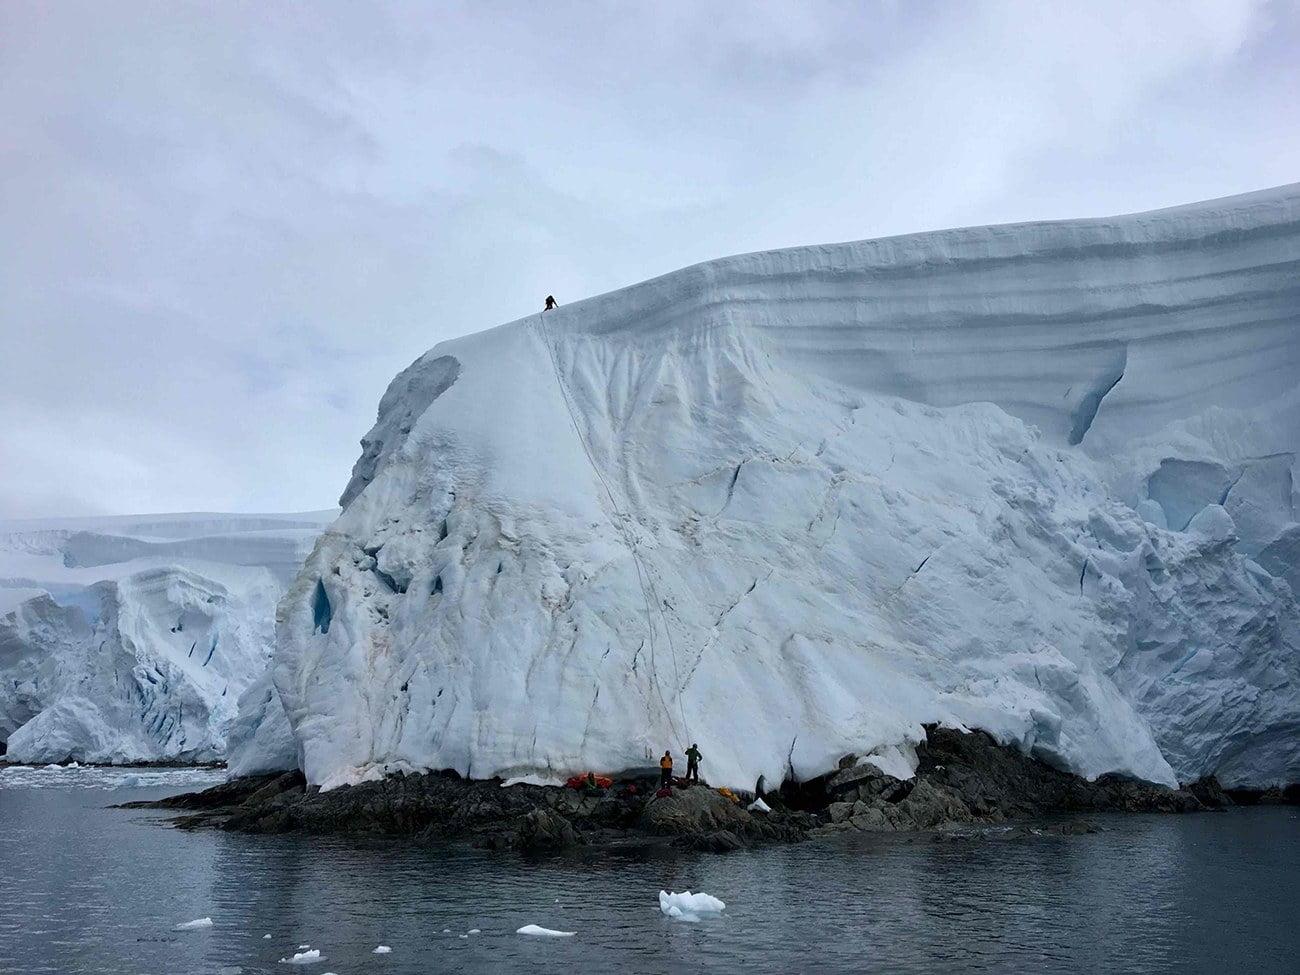 imagem de escaladores na Antártica